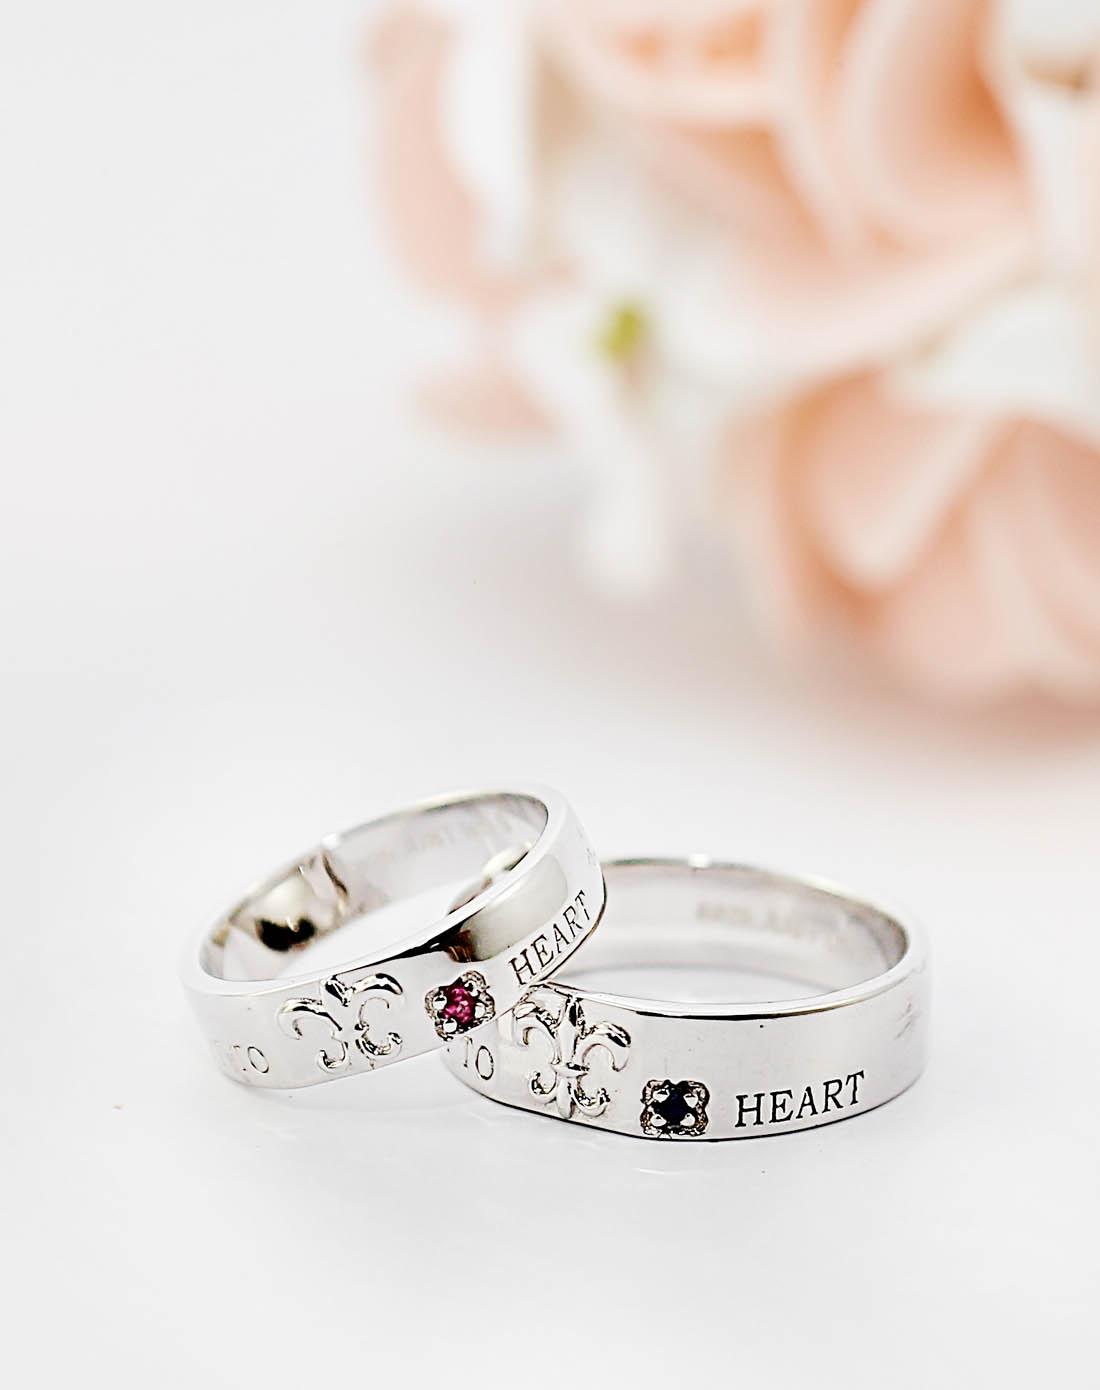 情侣带什么戒指好_纯银情侣戒指什么牌子的好-纯银情侣戒指什么牌子的好_0